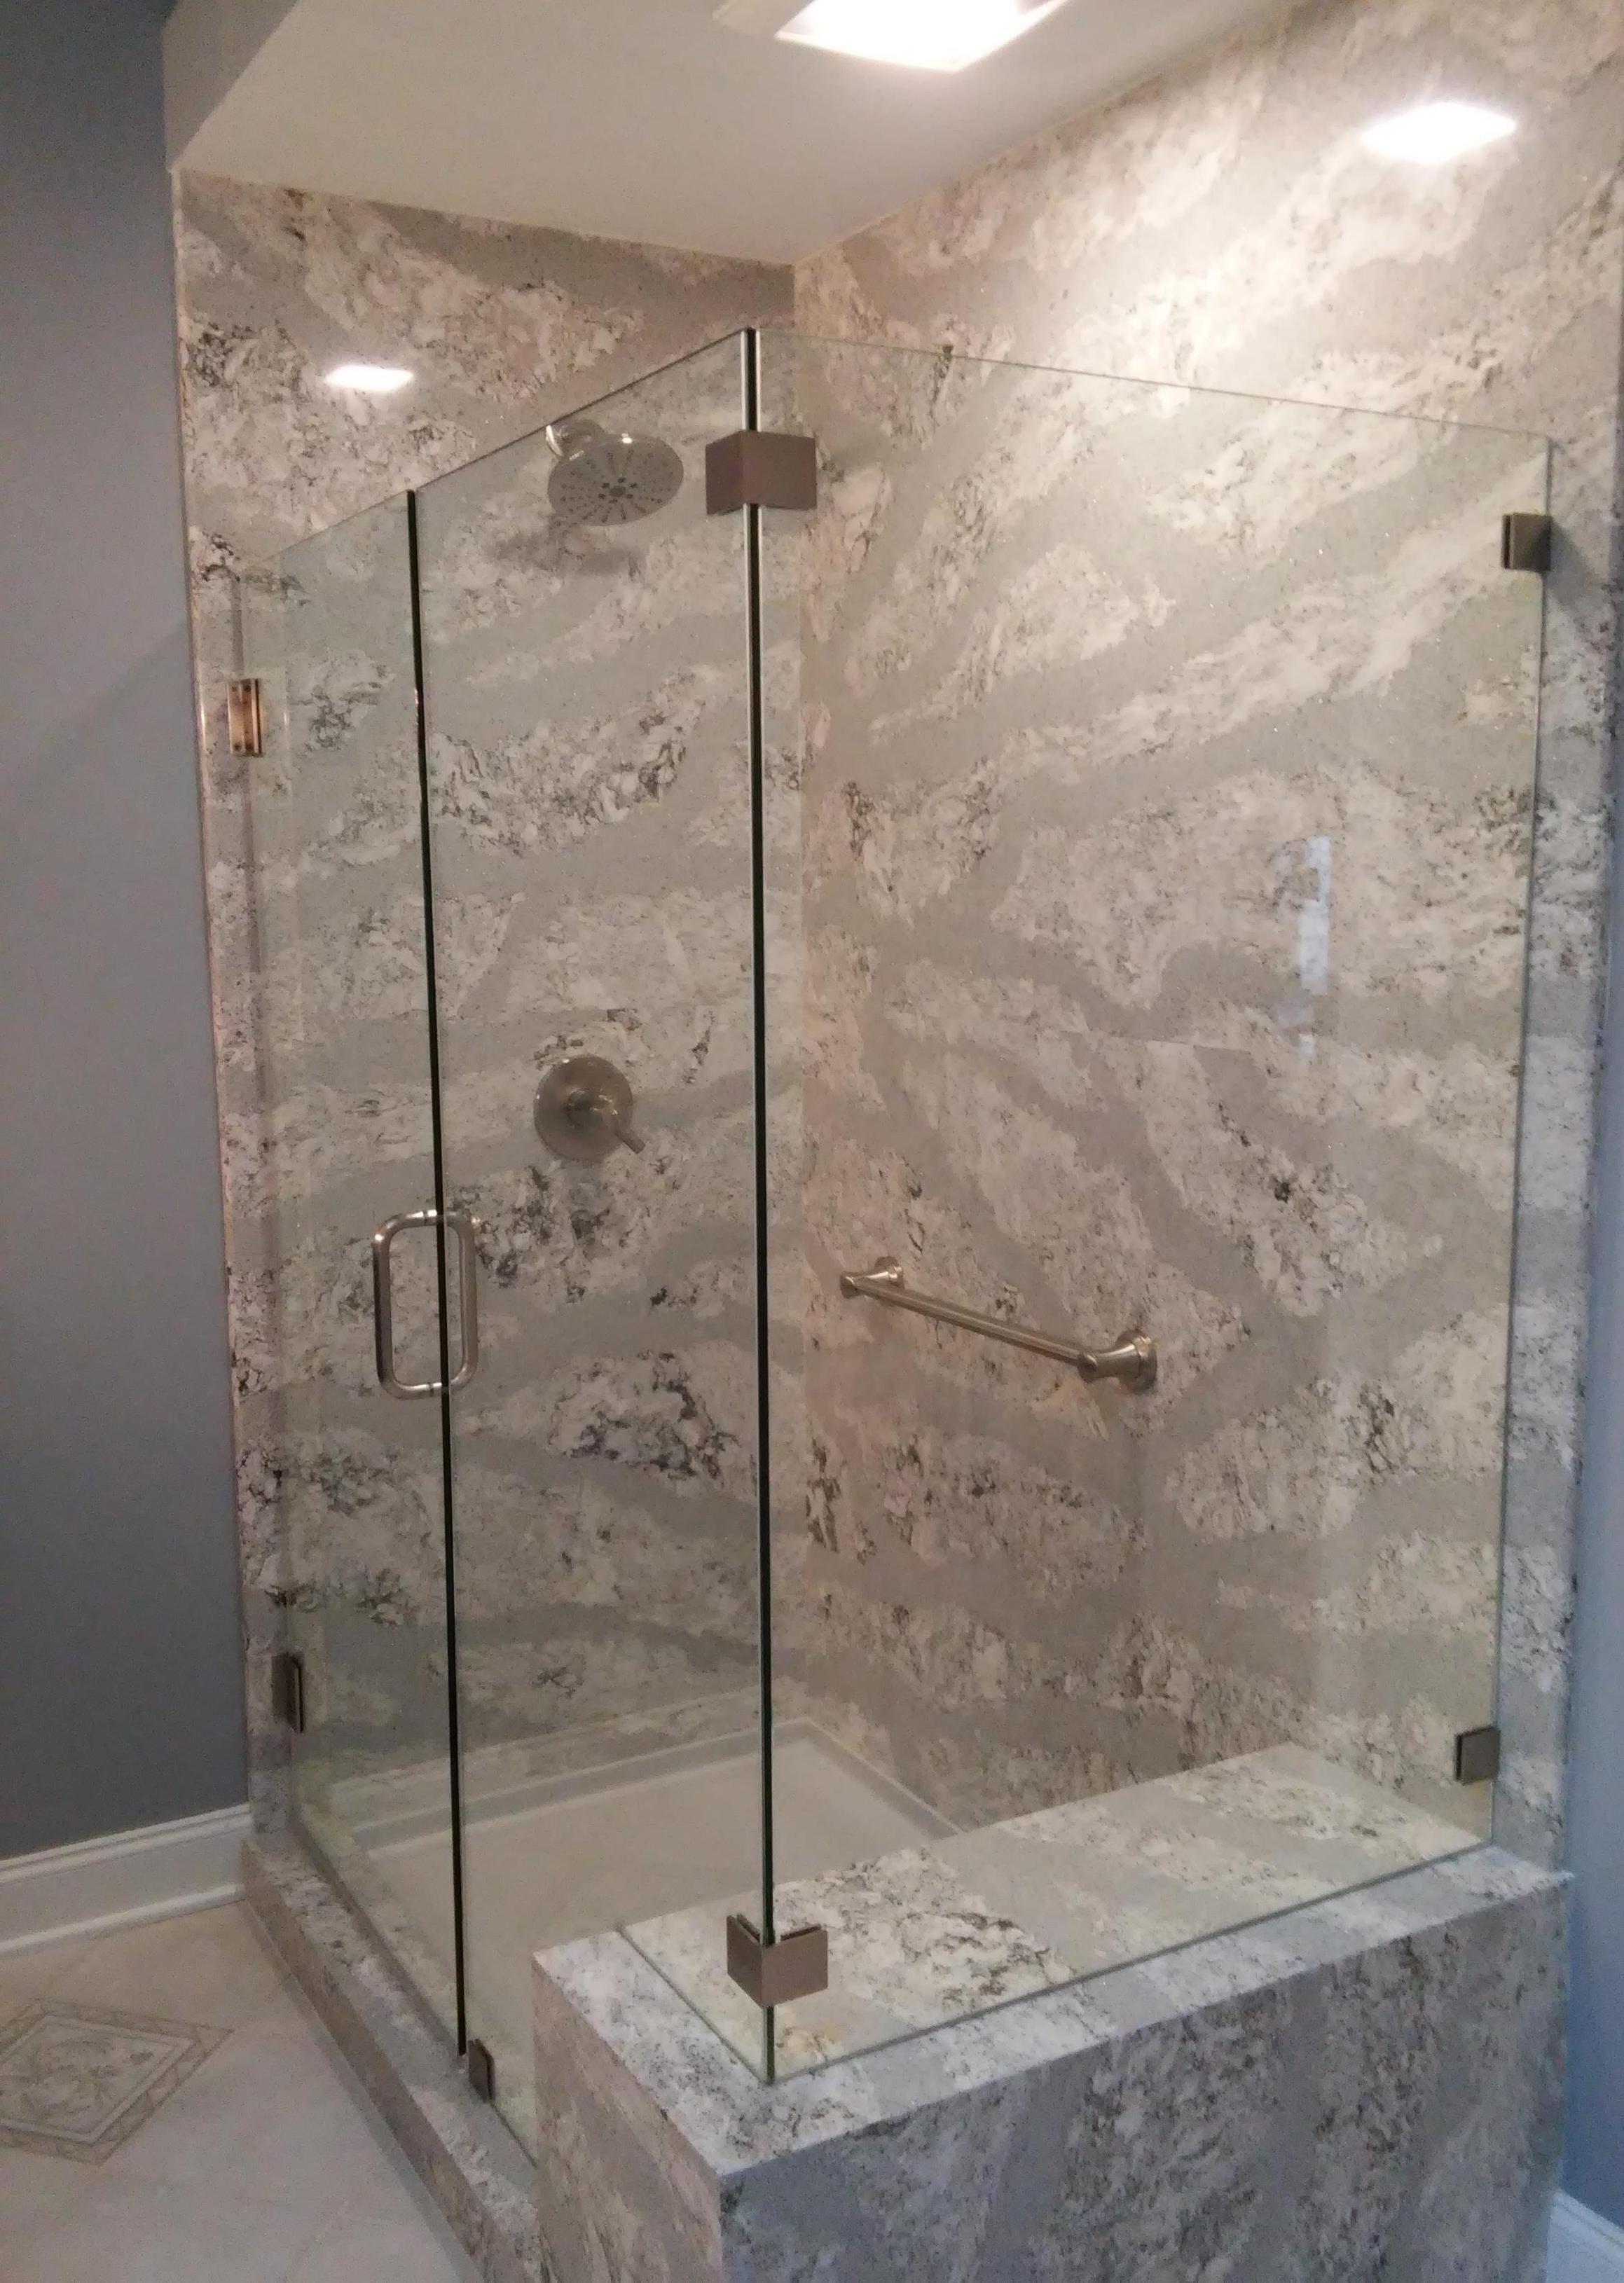 Summerhill Cambria Quartz Countertops Cost Reviews Bathroom Shower Walls Modern Bathroom Renovations Quartz Bathroom